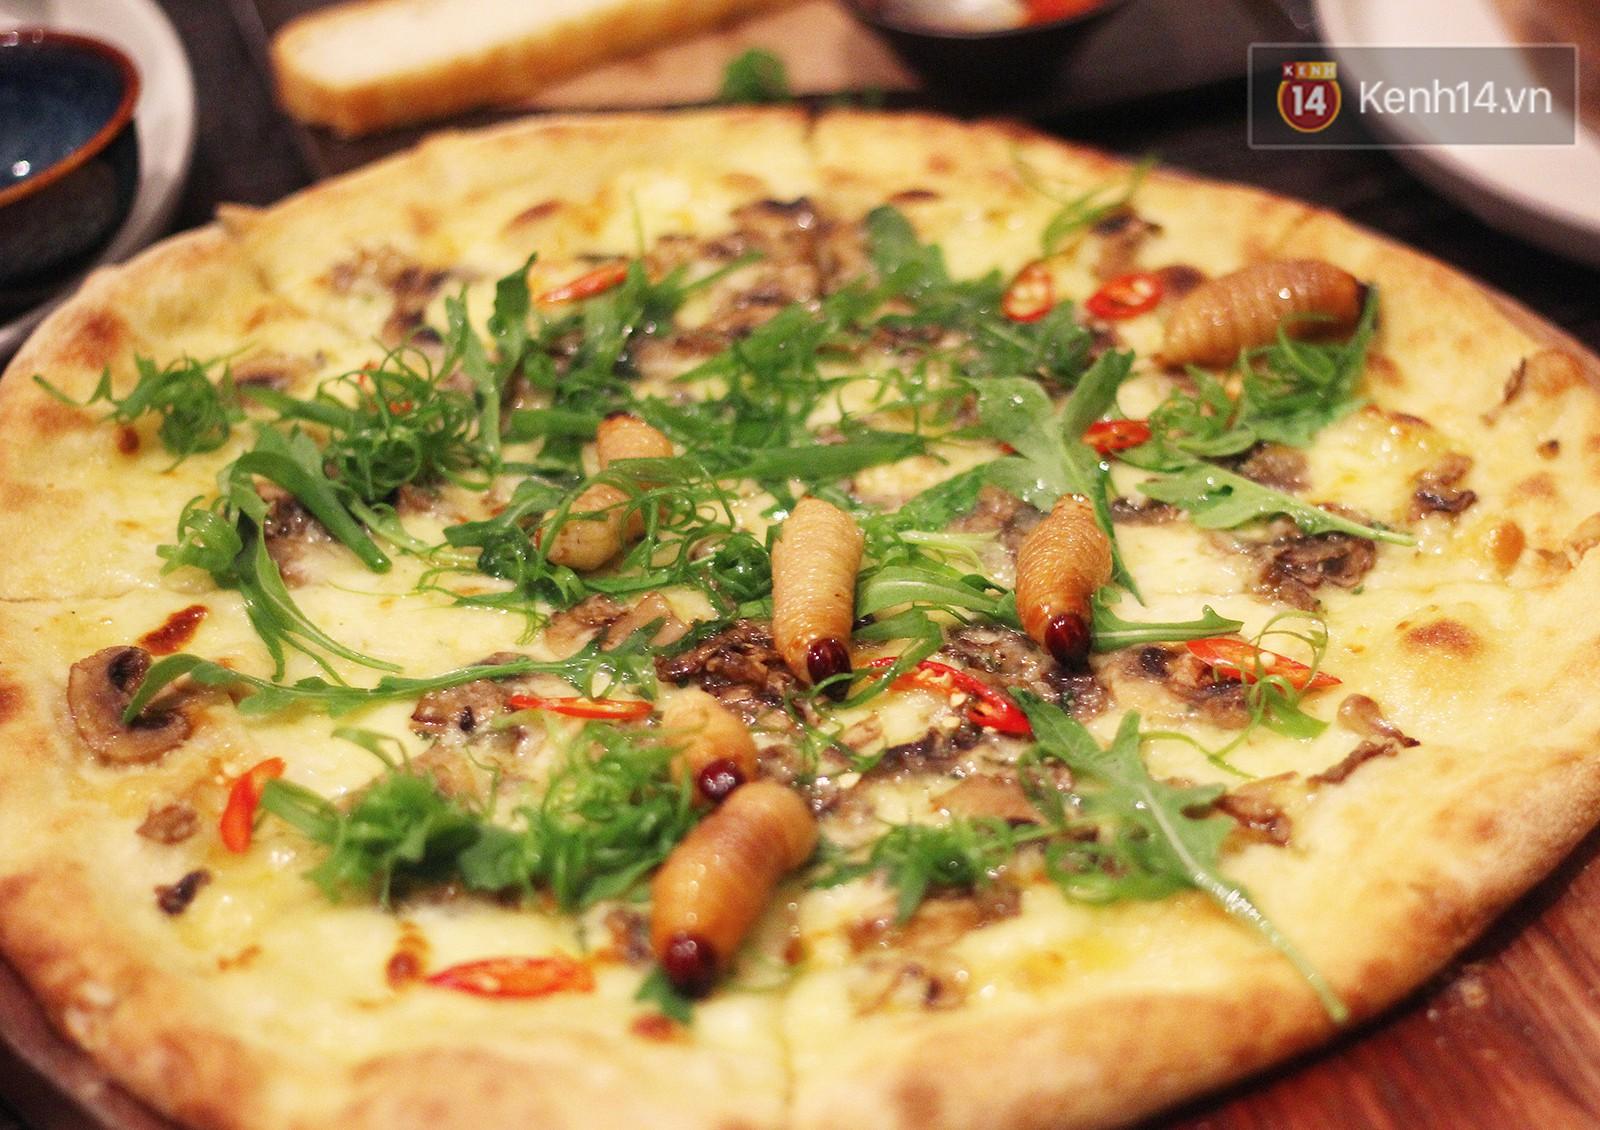 Ăn thử pizza đuông dừa: không cẩn thận là topping bò đi mất và hẳn ai cũng bất ngờ vì sự thật phía sau - Ảnh 2.